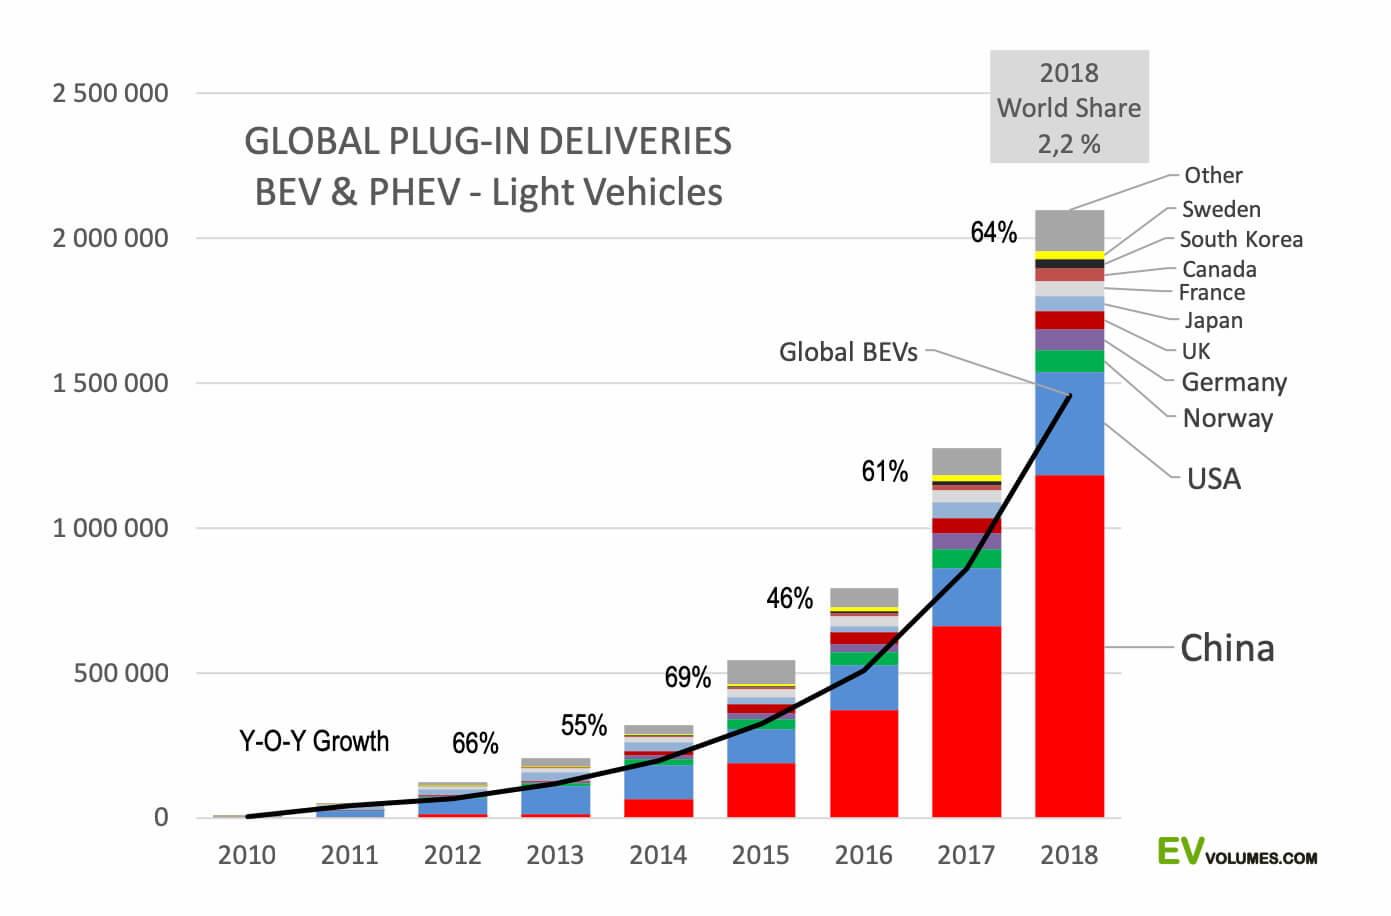 Глобальные поставки электрифицированных авто на разных рынках с 2010 по 2018 года